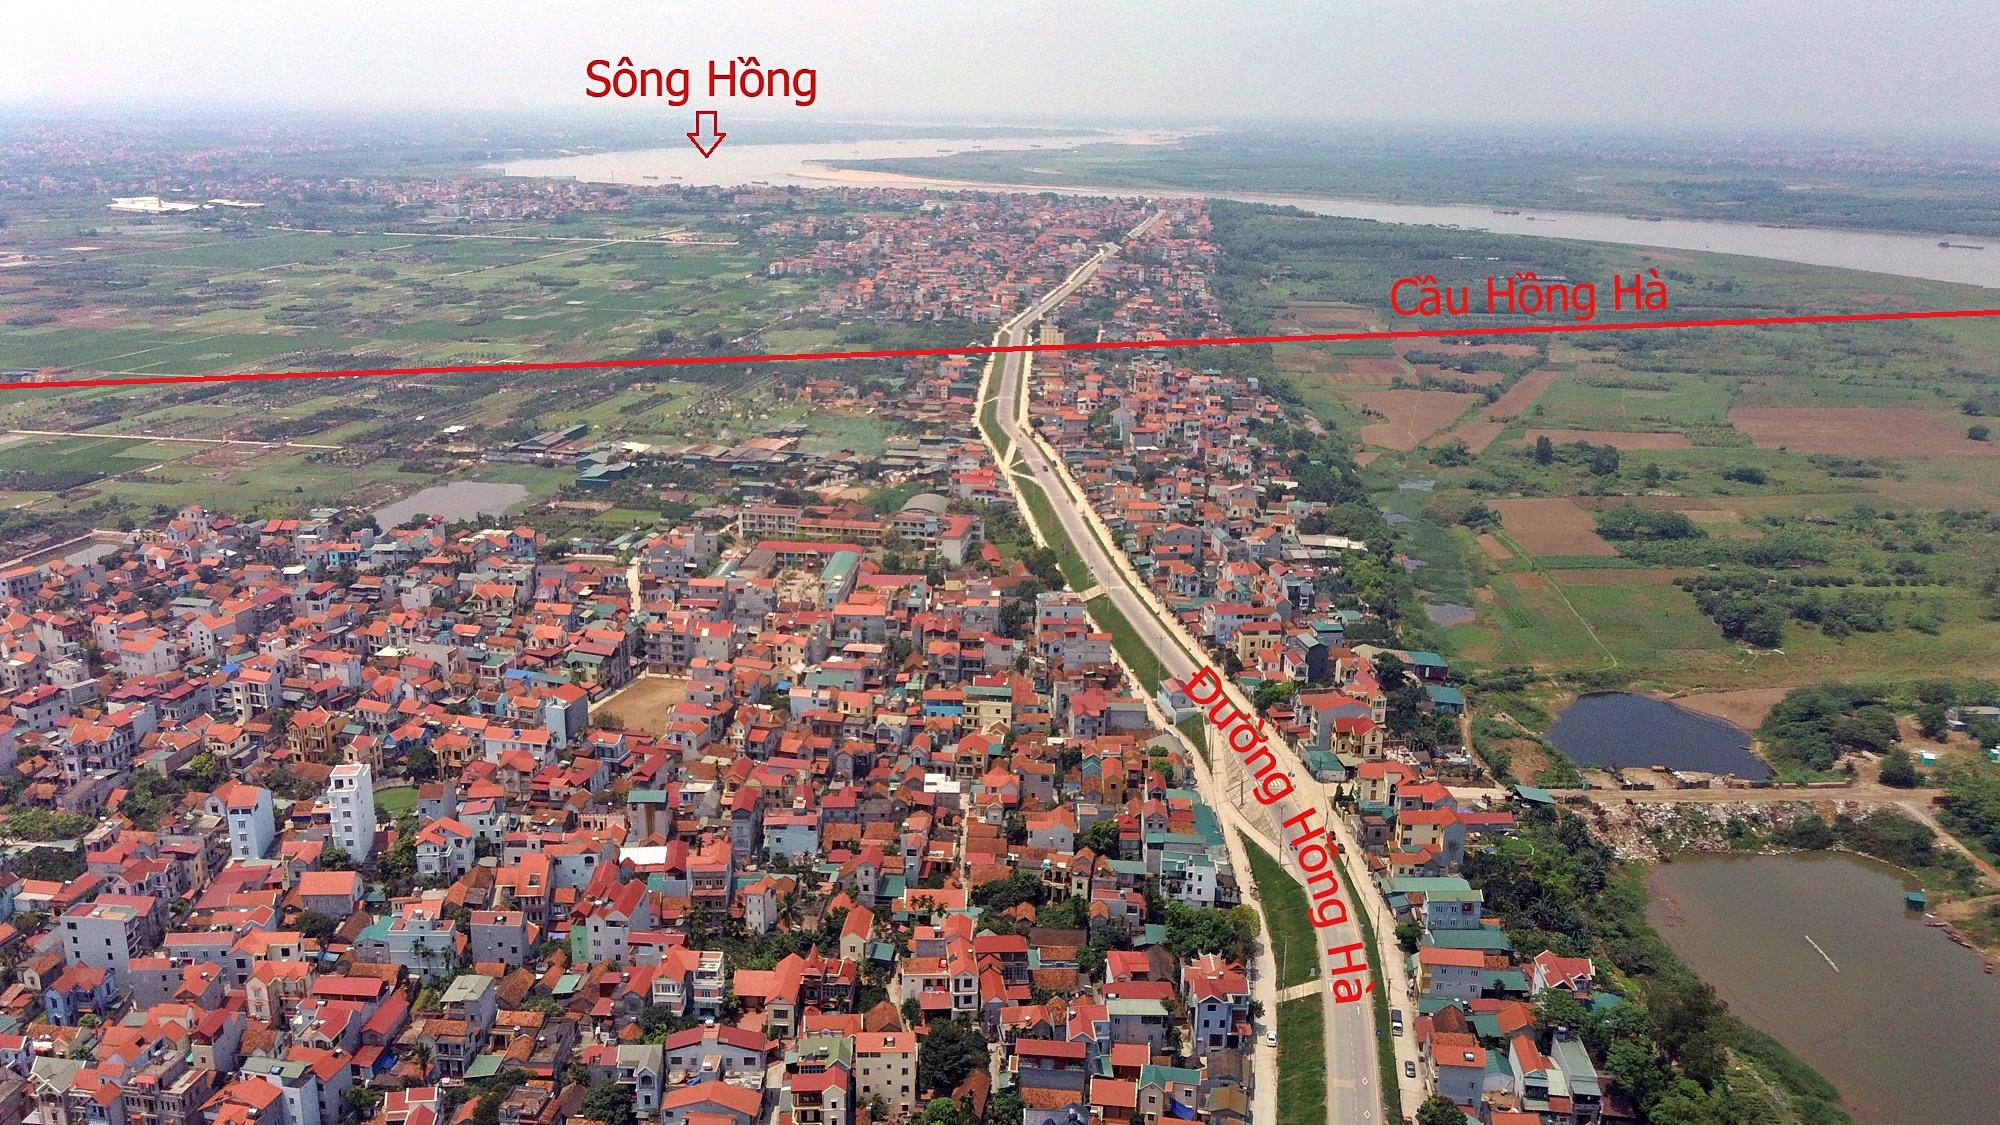 Cầu sẽ mở theo qui hoạch ở Hà Nội: Toàn cảnh vị trí làm cầu Hồng Hà nối Đan Phượng với Mê Linh - Ảnh 4.